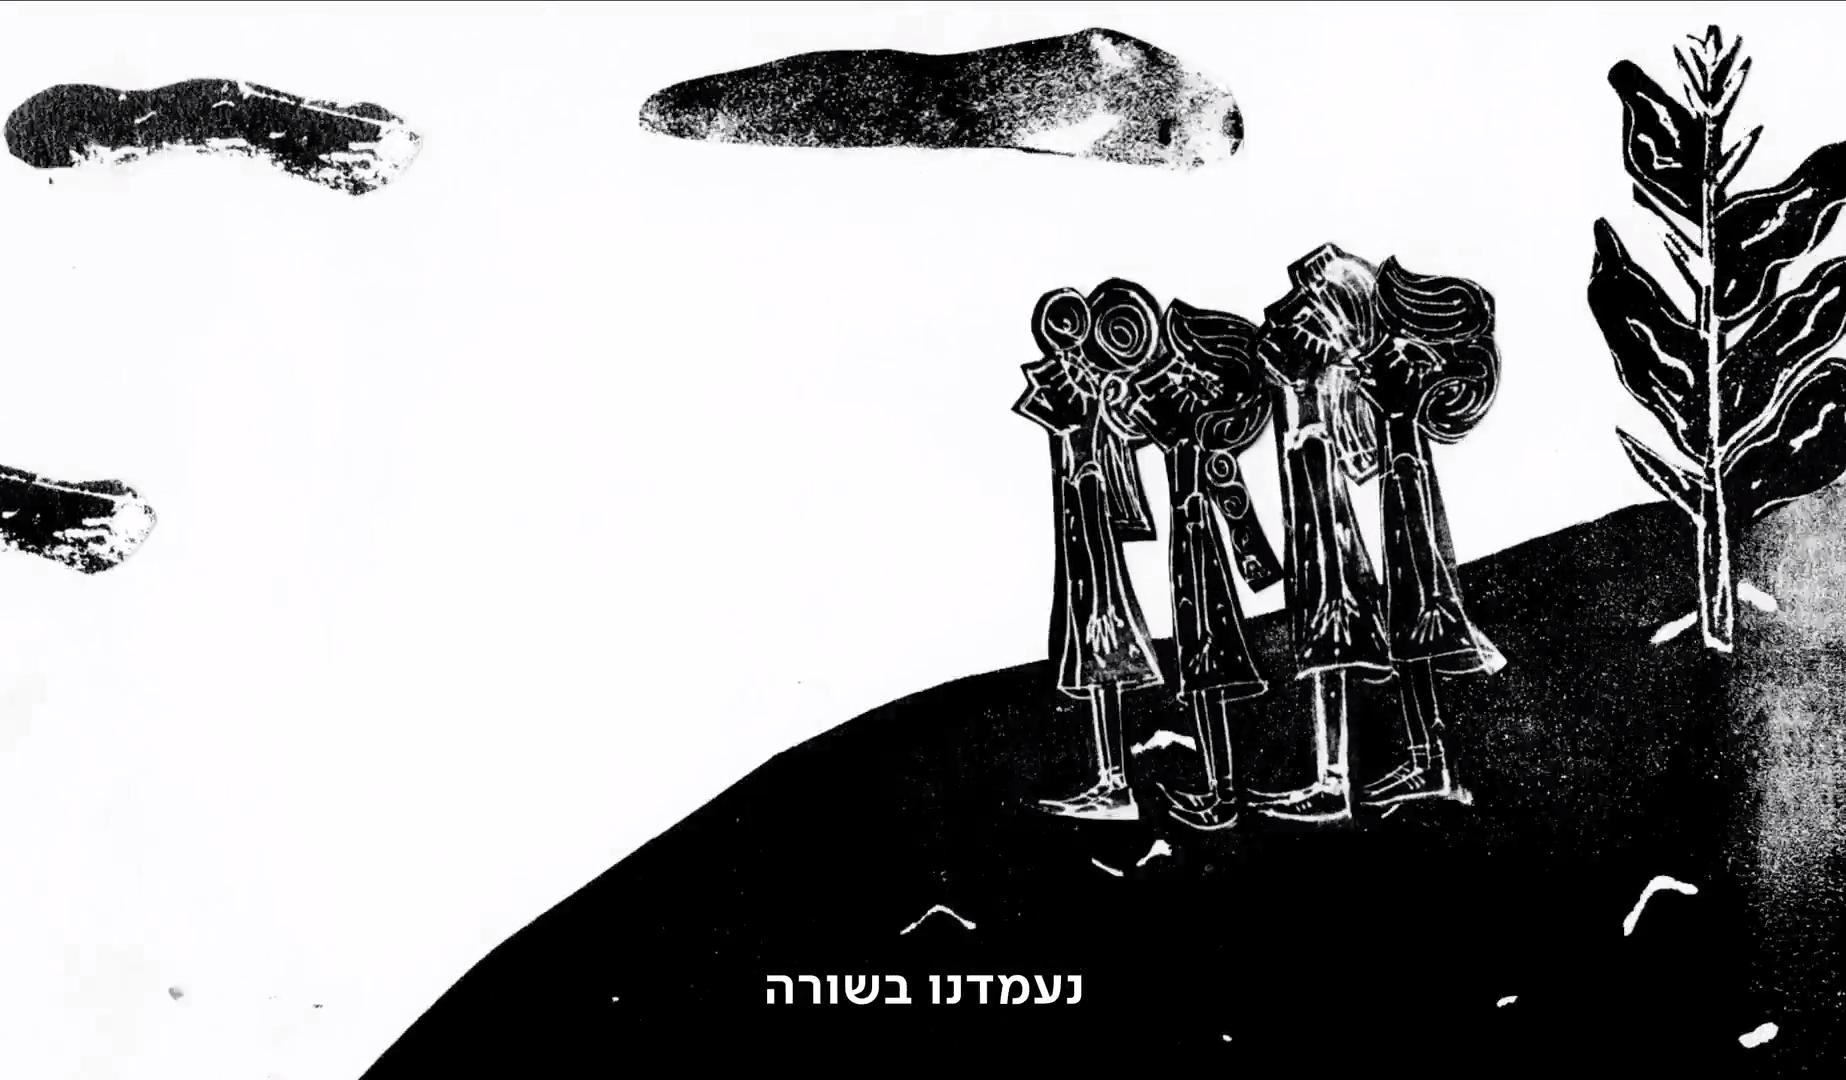 ׳באנו בשביל הכנפיים, נשארנו כי לא הצלחנו לעוף׳ של נטע מרים פרץ